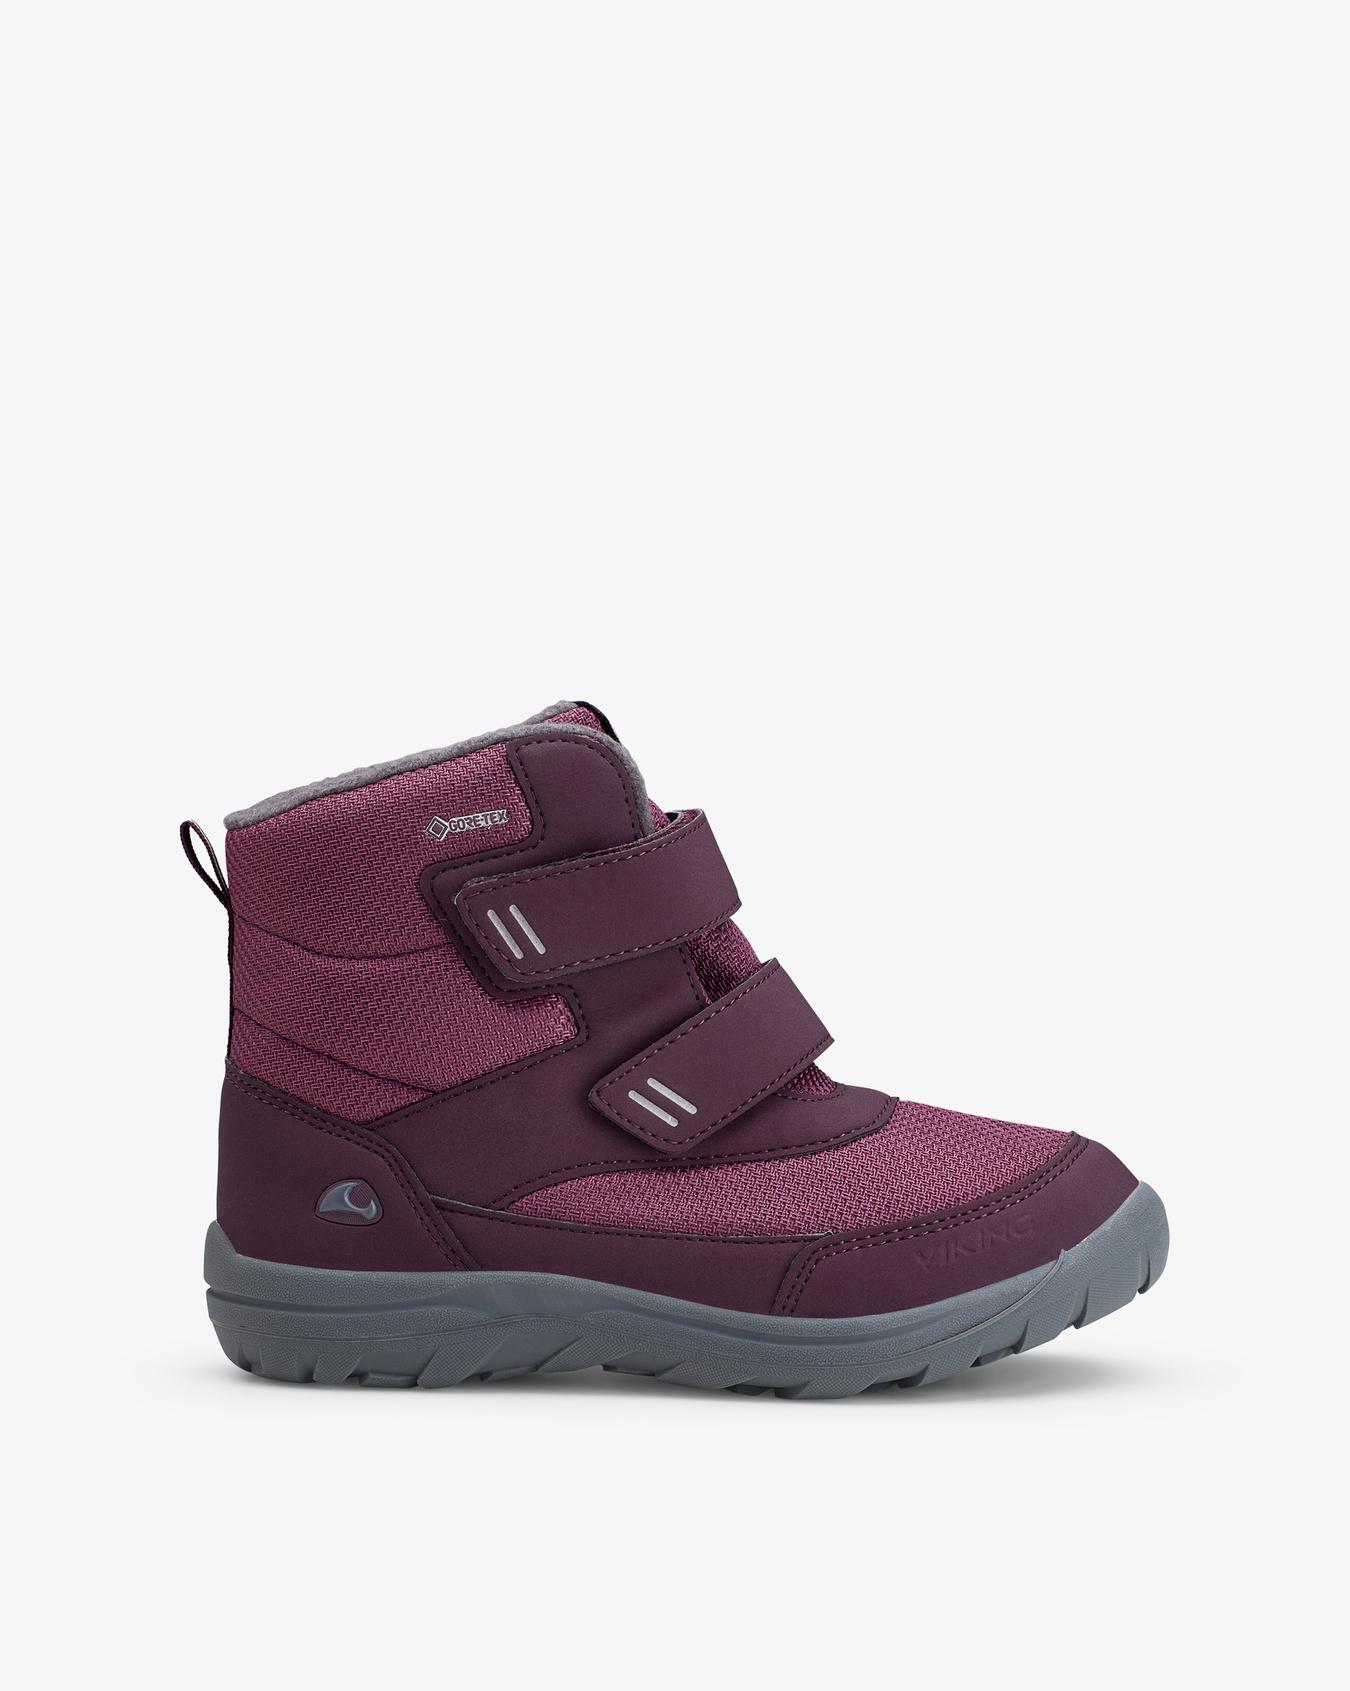 Vang Jr GTX Plum Winter Boots